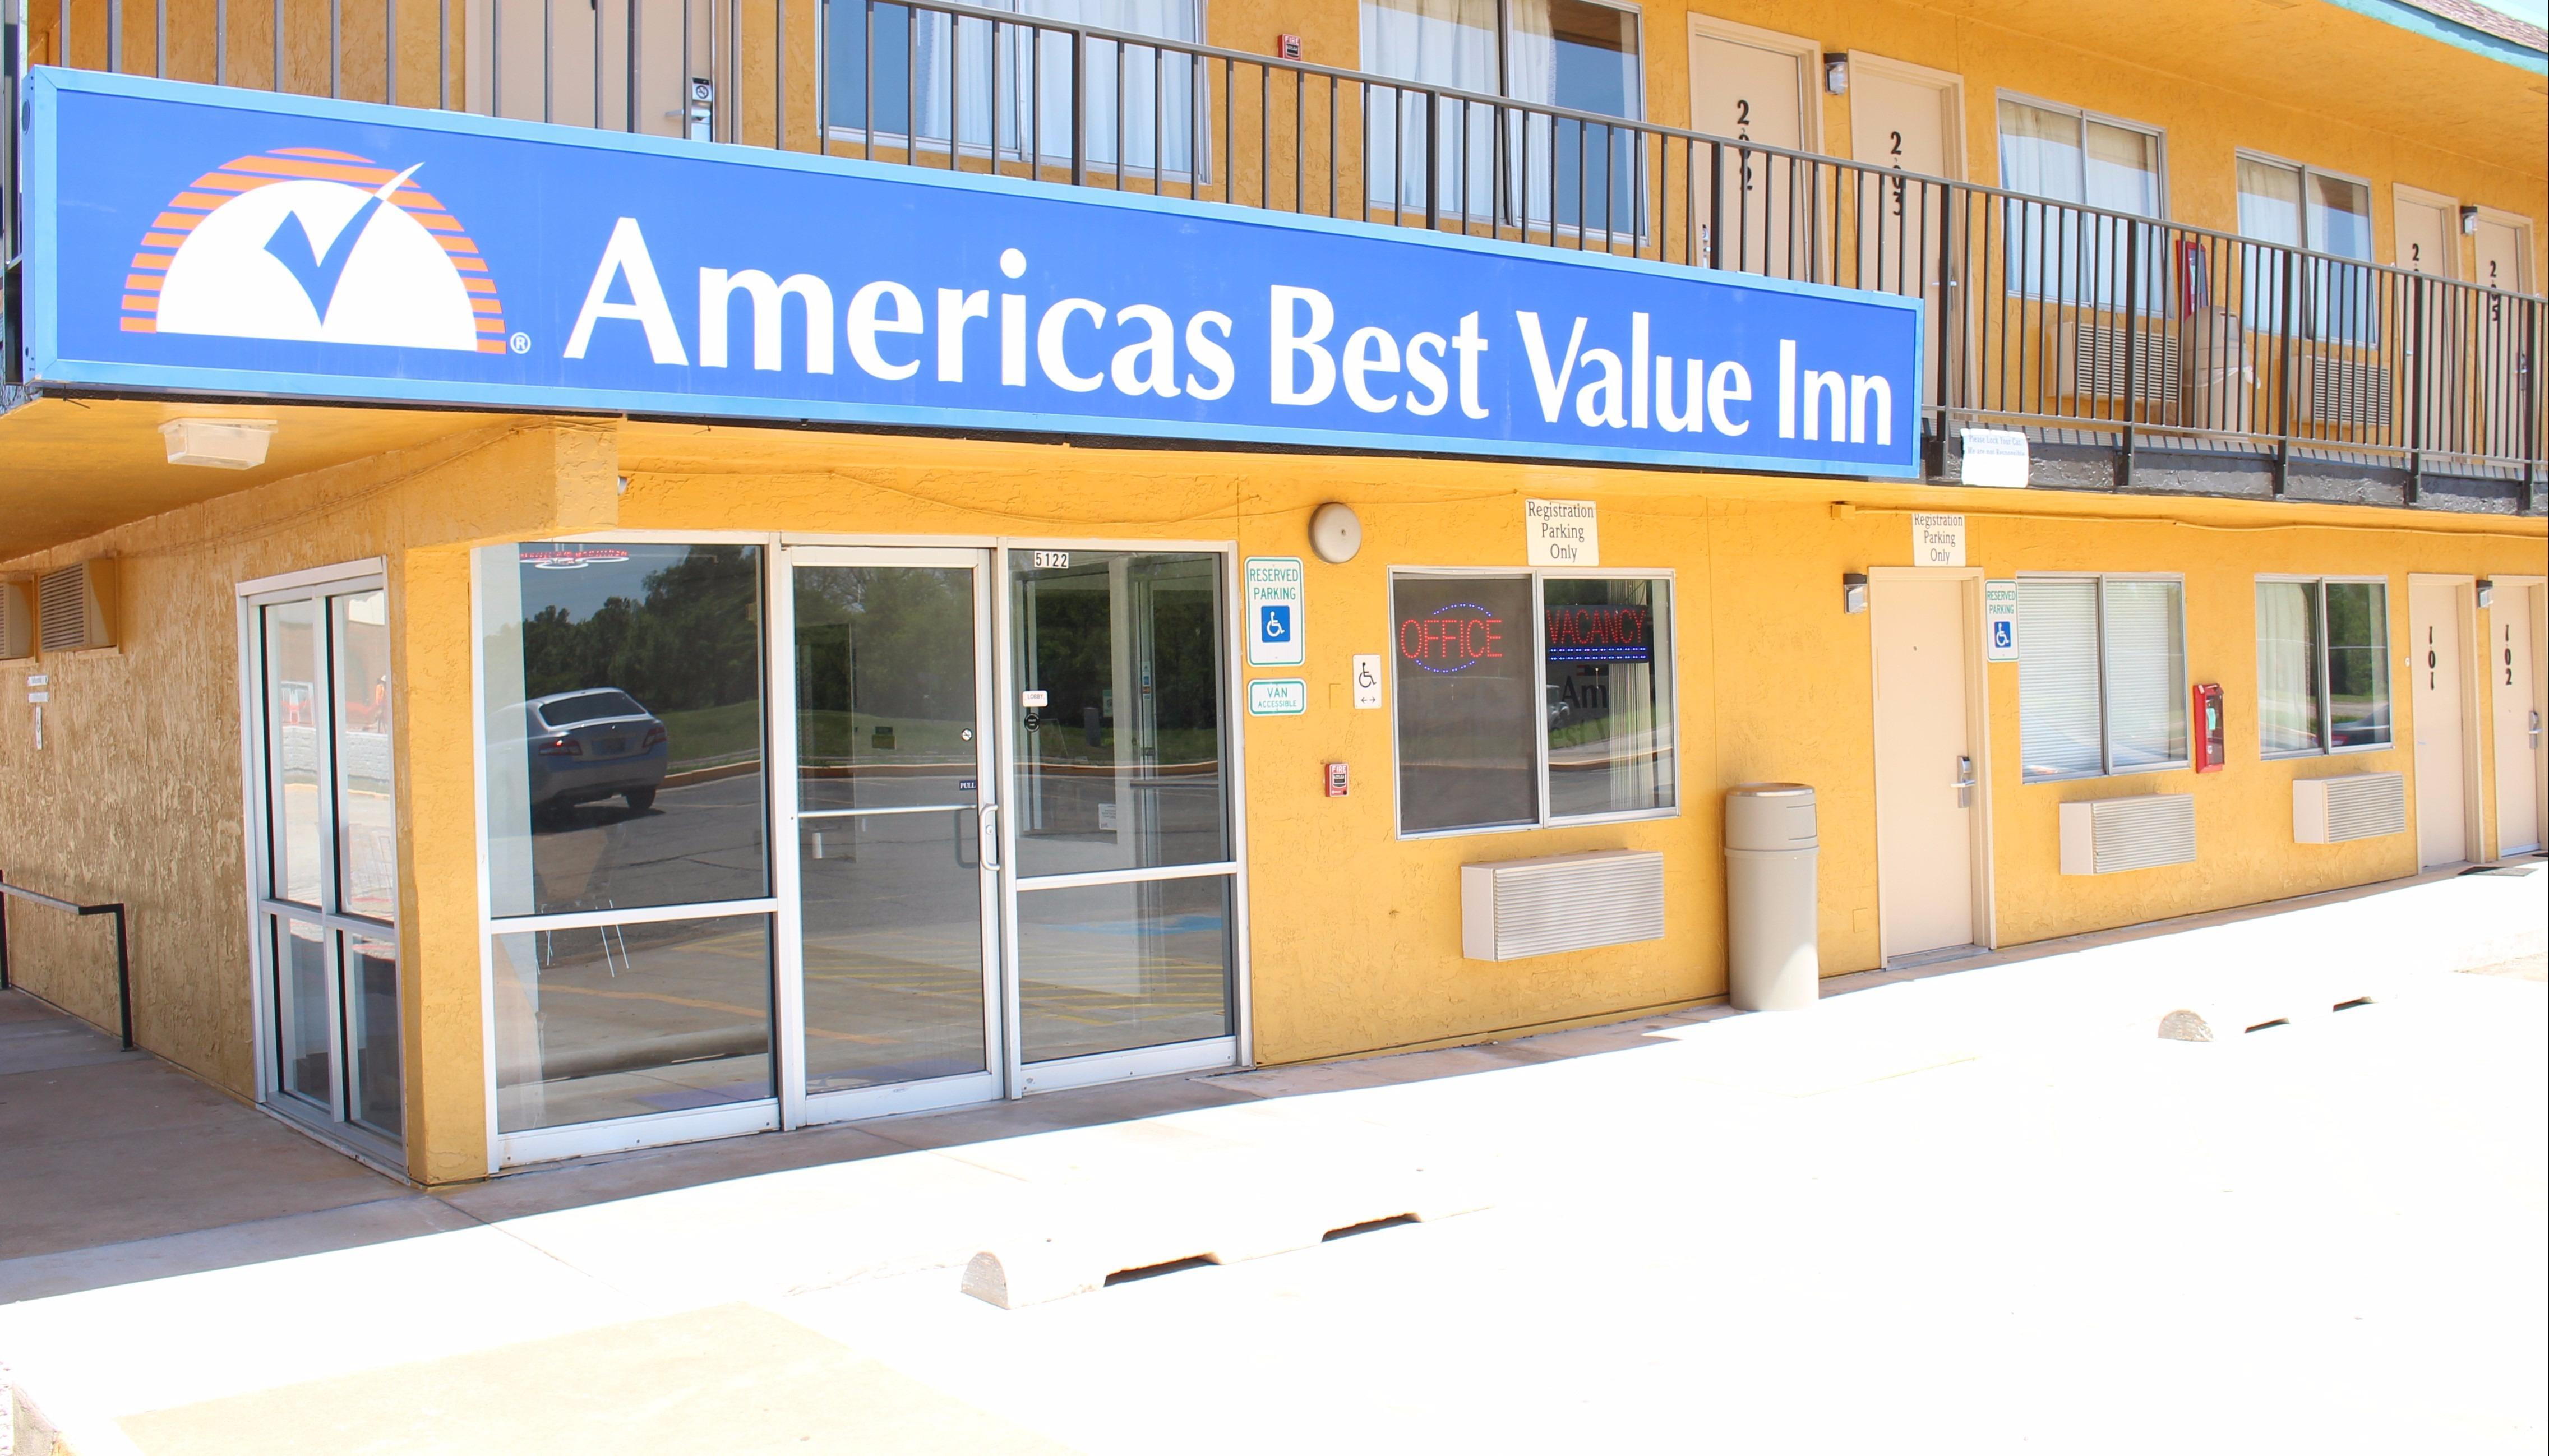 America's Best Value Inn image 4